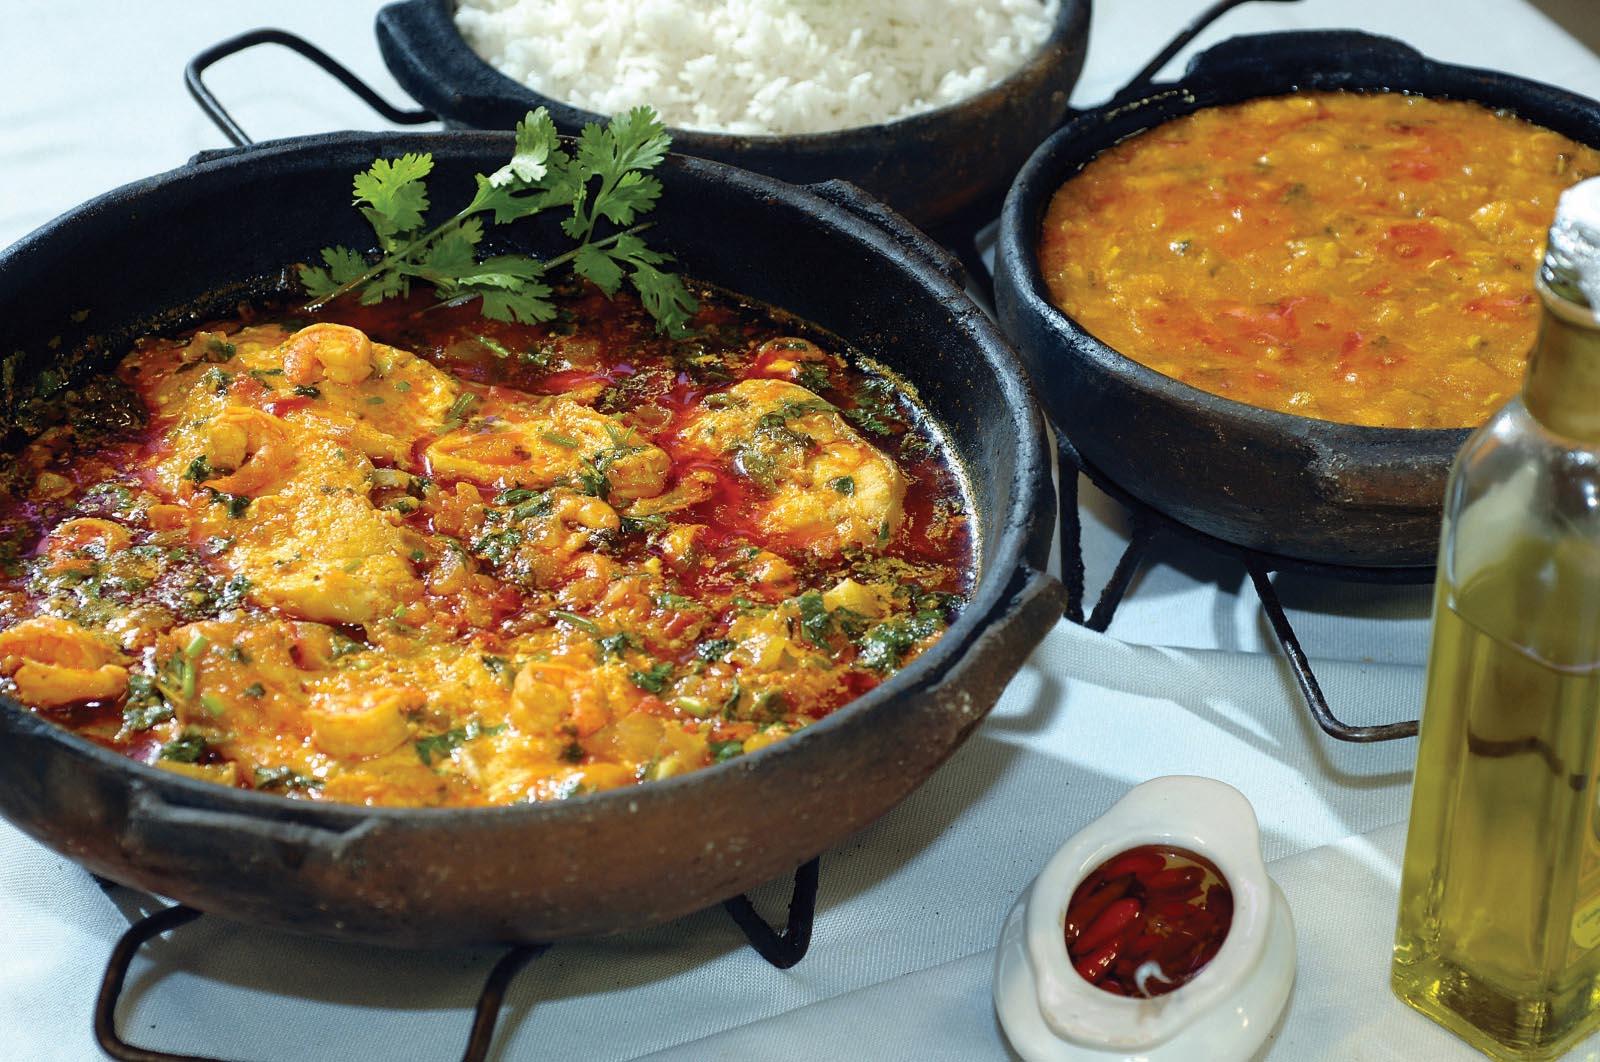 Moqueca dentro de um panela de barro, ao lado de outras que servem arroz e molho de camarão. À esquerda, azeite e um potinho com pimenta capixaba